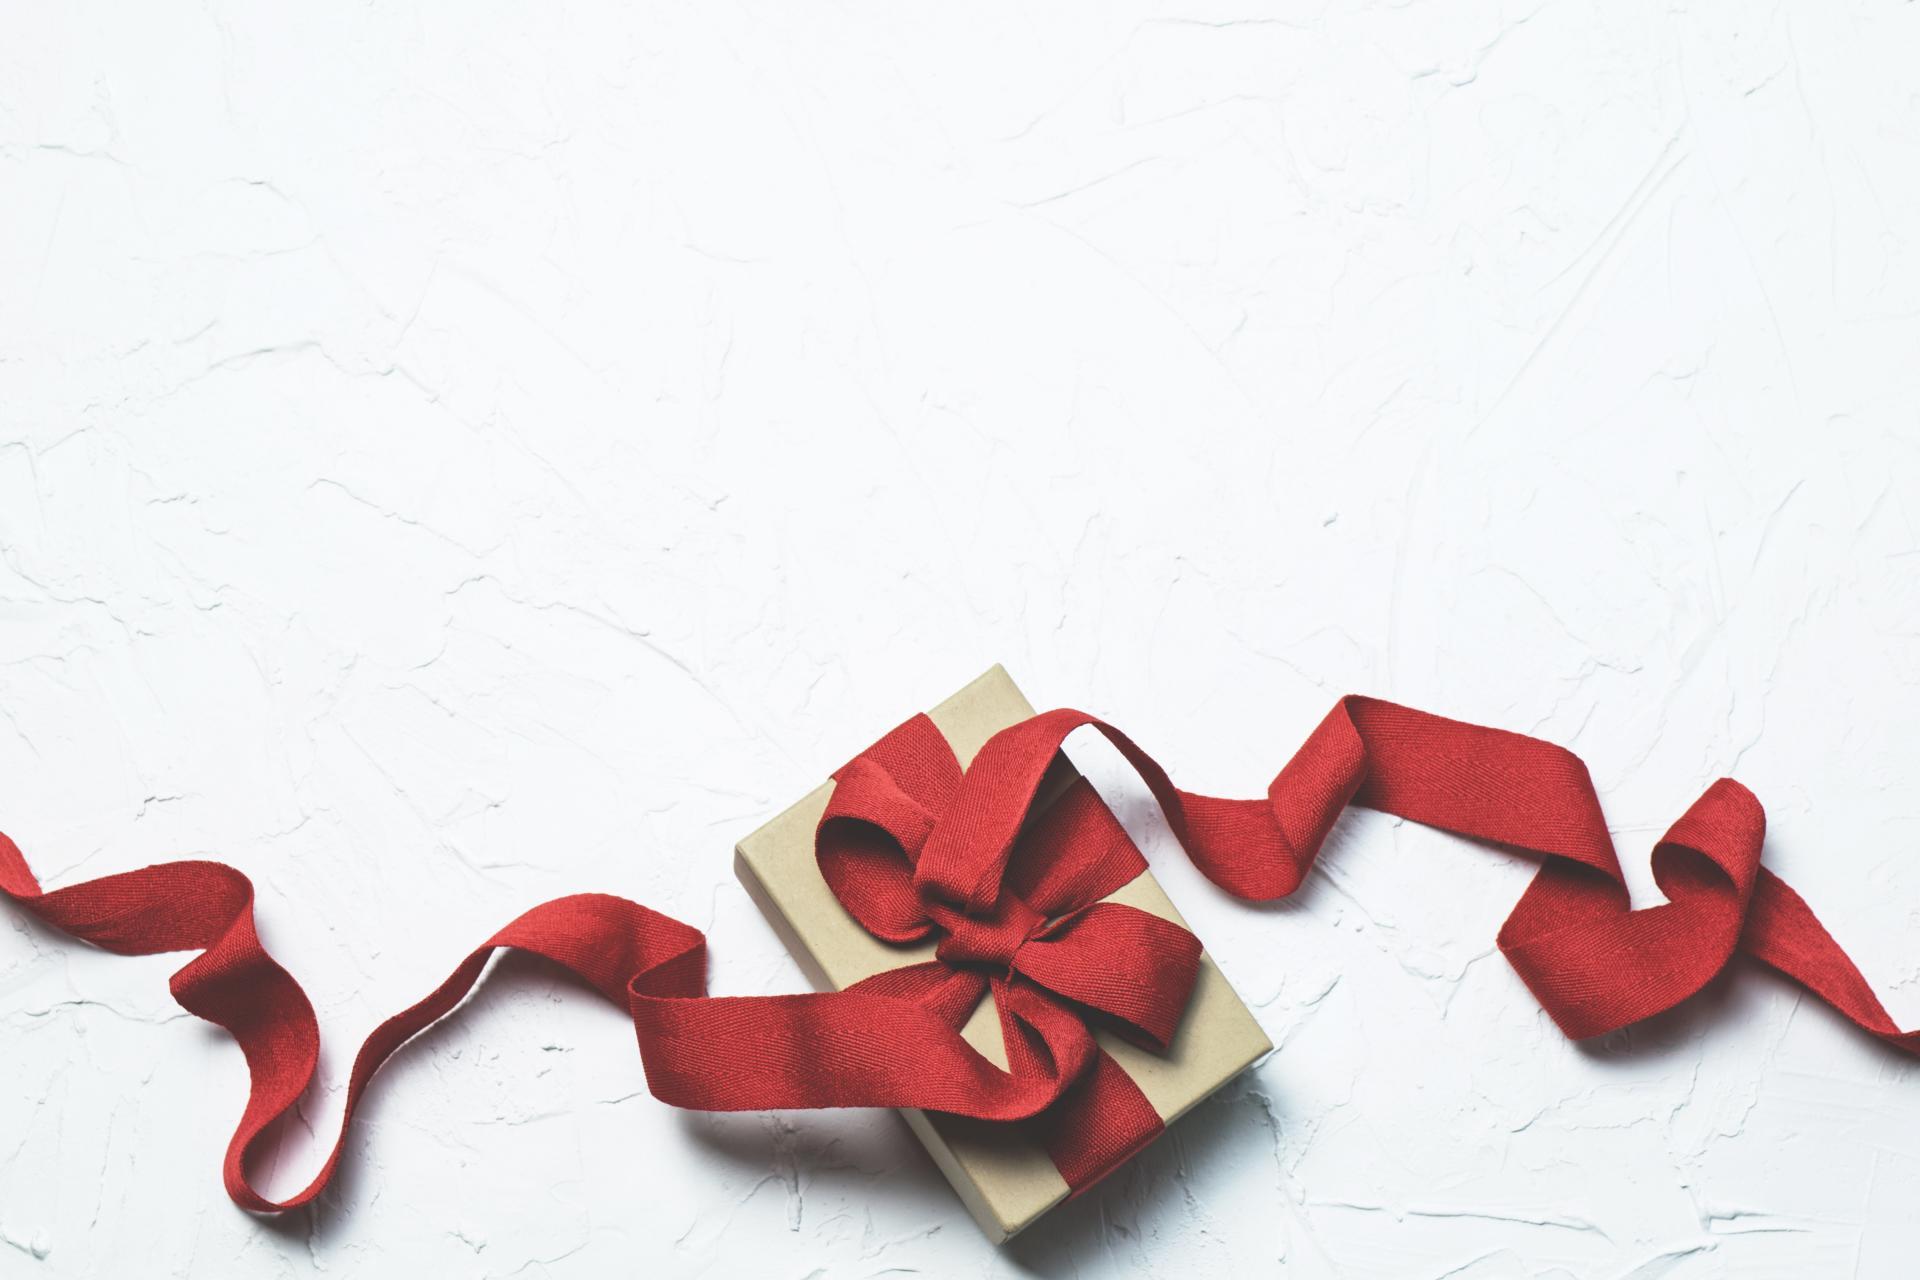 Незнаете, что подарить на23 февраля? Мыподскажем — 7 разных идей